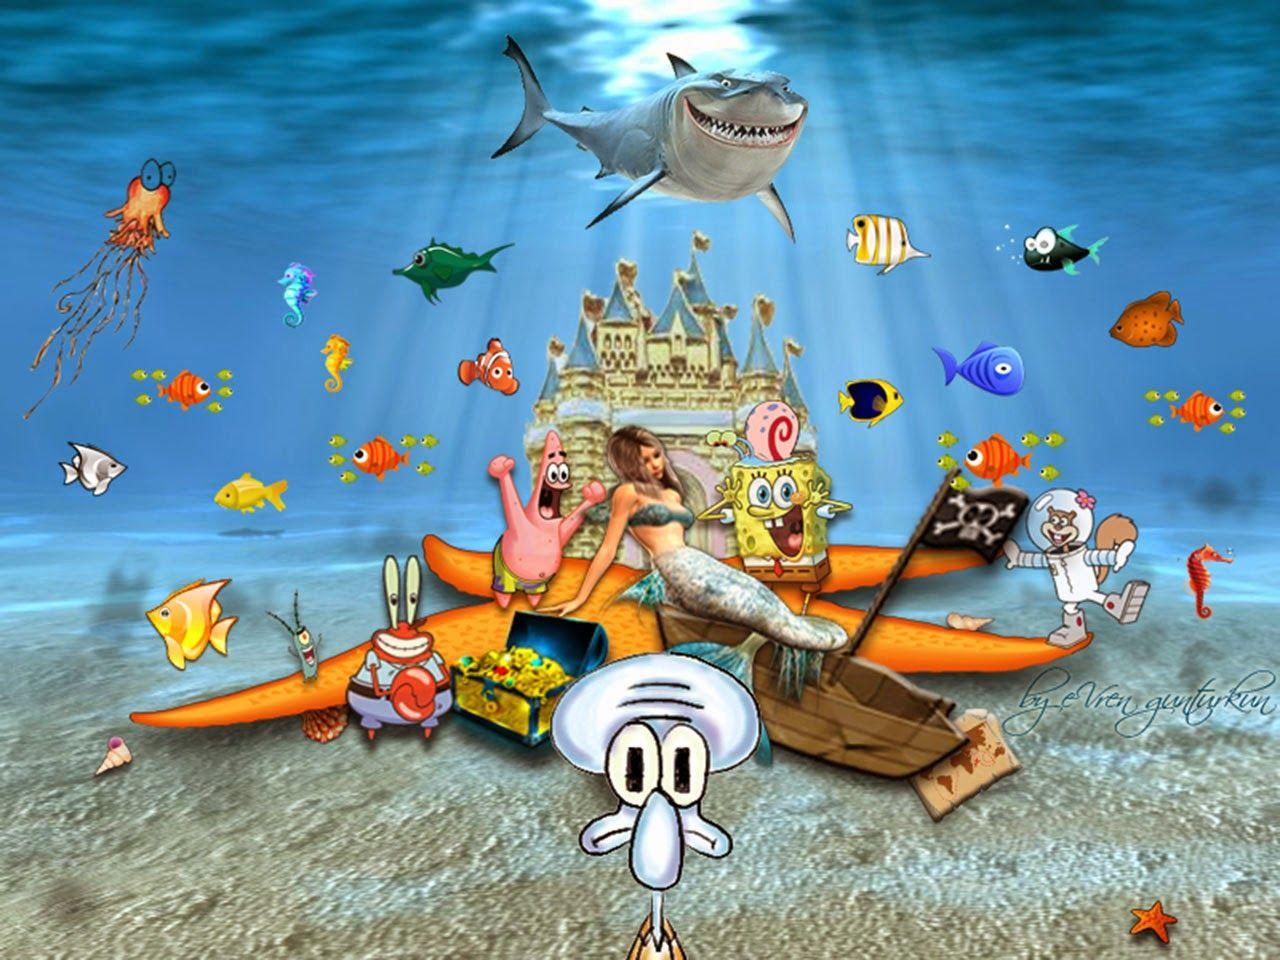 Spongebob Wallpaper Gambar Wallpaper Spongebob 3d Hd Wallpapers Di 2020 Seni